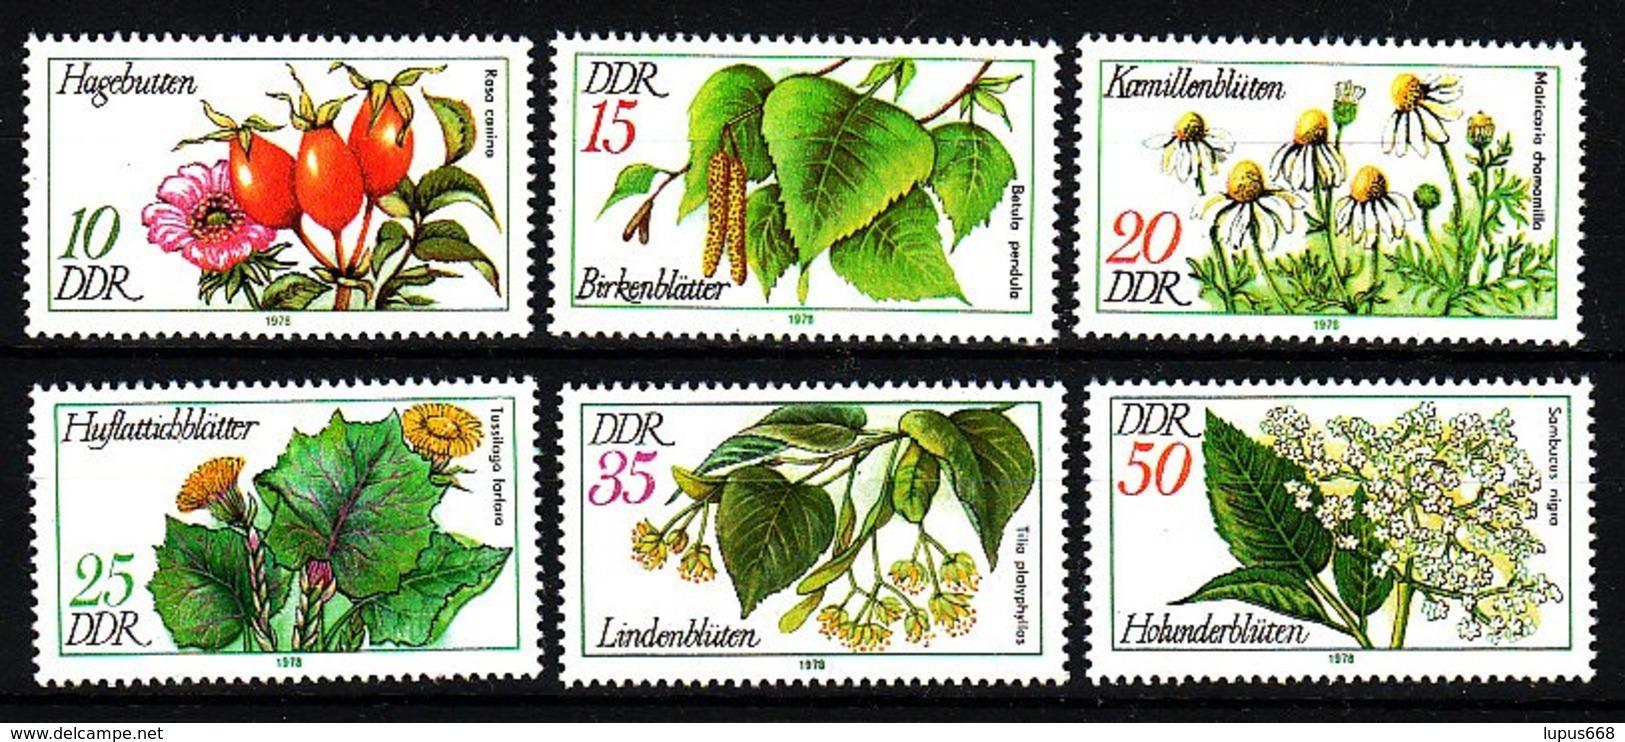 DDR  1978  MiNr.  2287/ 2292 ** / Mnh   Arzneipflanzen - Heilpflanzen